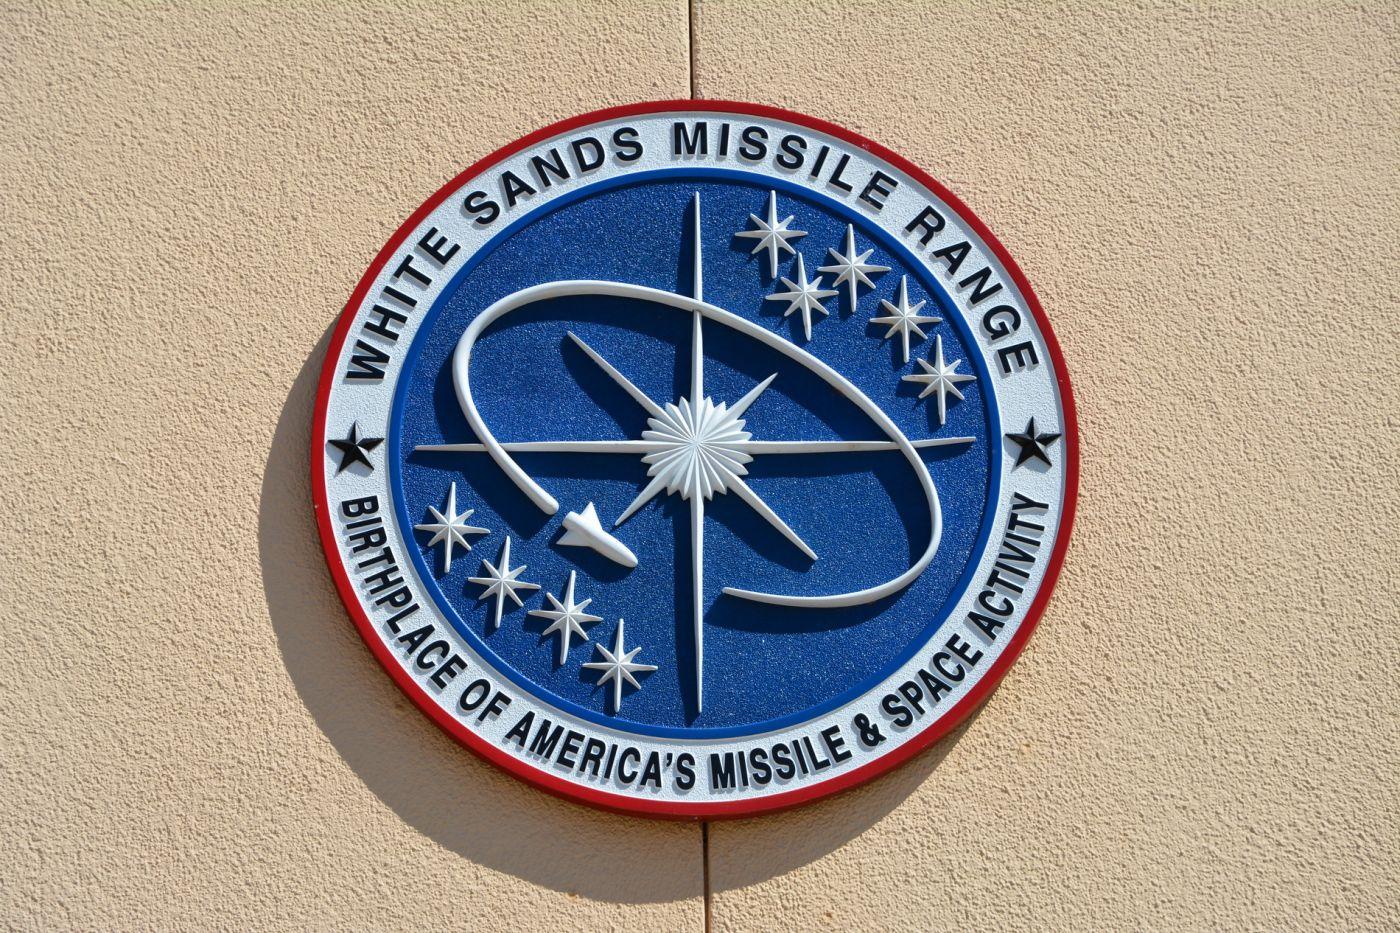 США Нью-Мексико, White sands missile range, часть-5